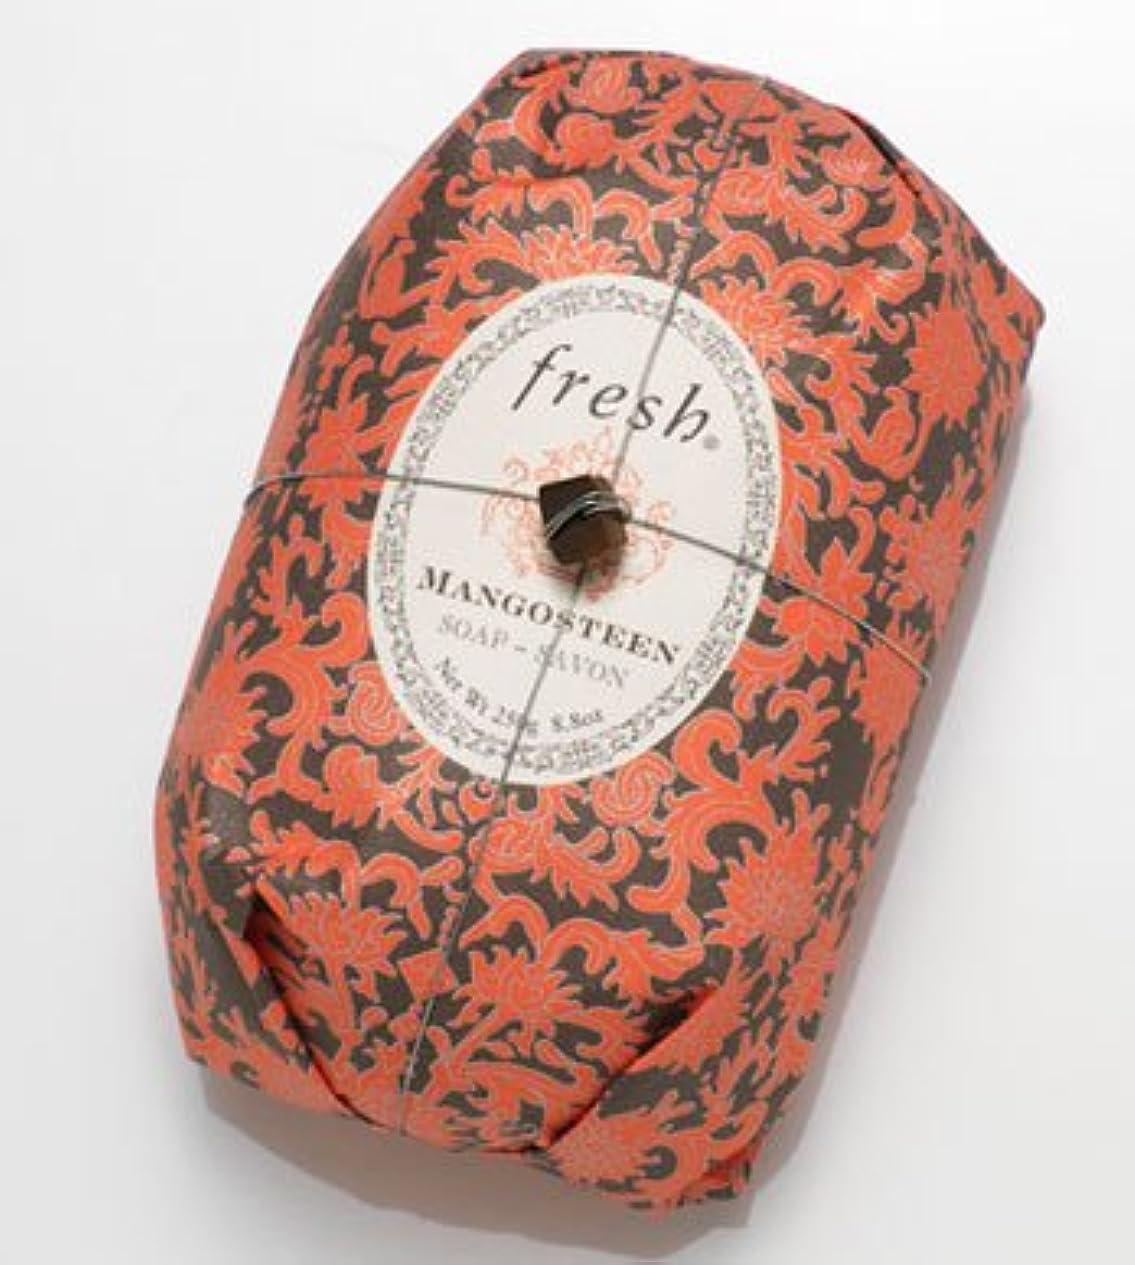 電話定規検索エンジン最適化Fresh MANGOSTEEN SOAP (フレッシュ マンゴスチーン ソープ) 8.8 oz (250g) Soap (石鹸) by Fresh